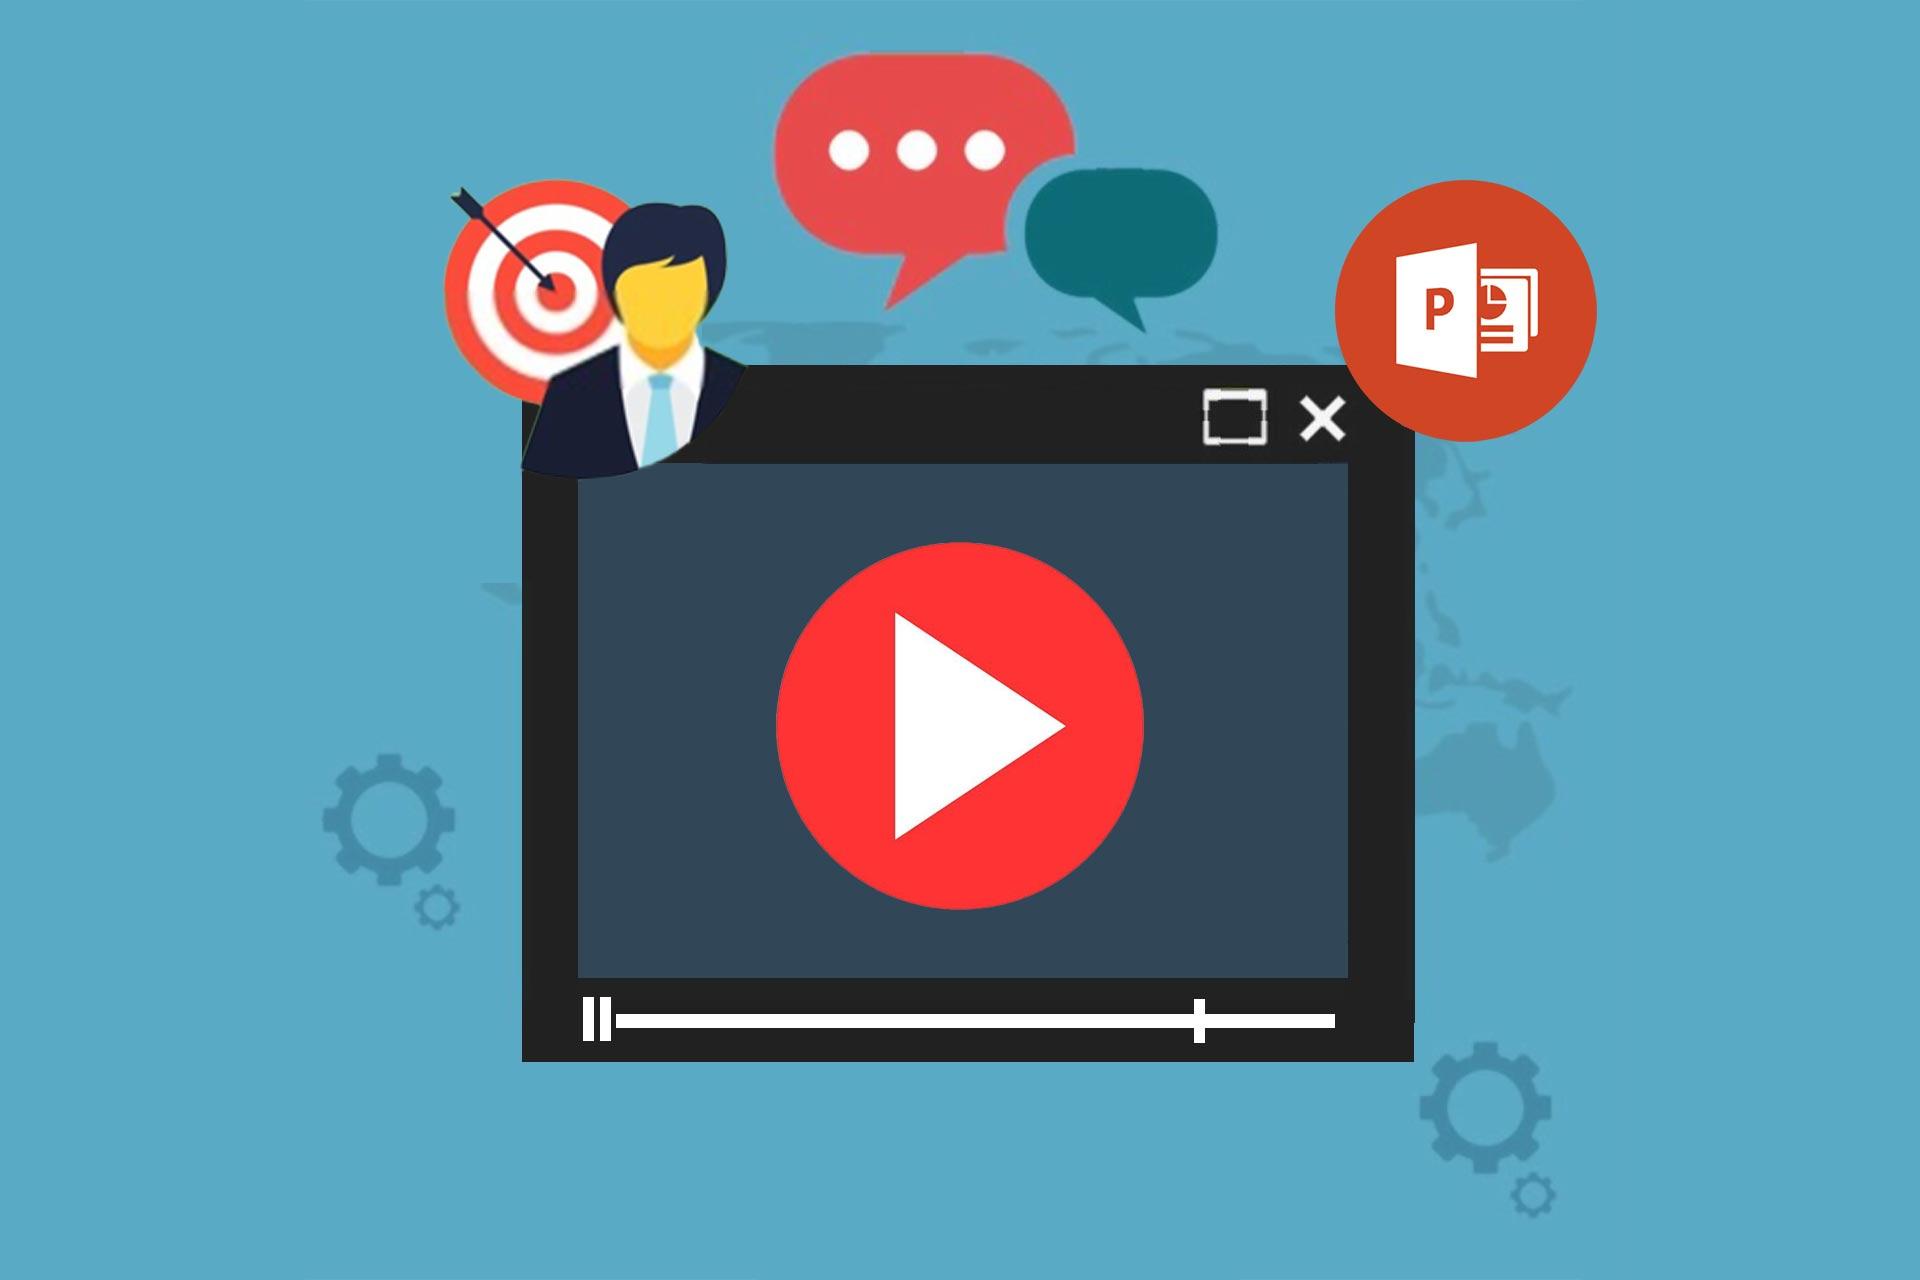 ساختن ویدیو با پاورپوینت برای فضای مجازی